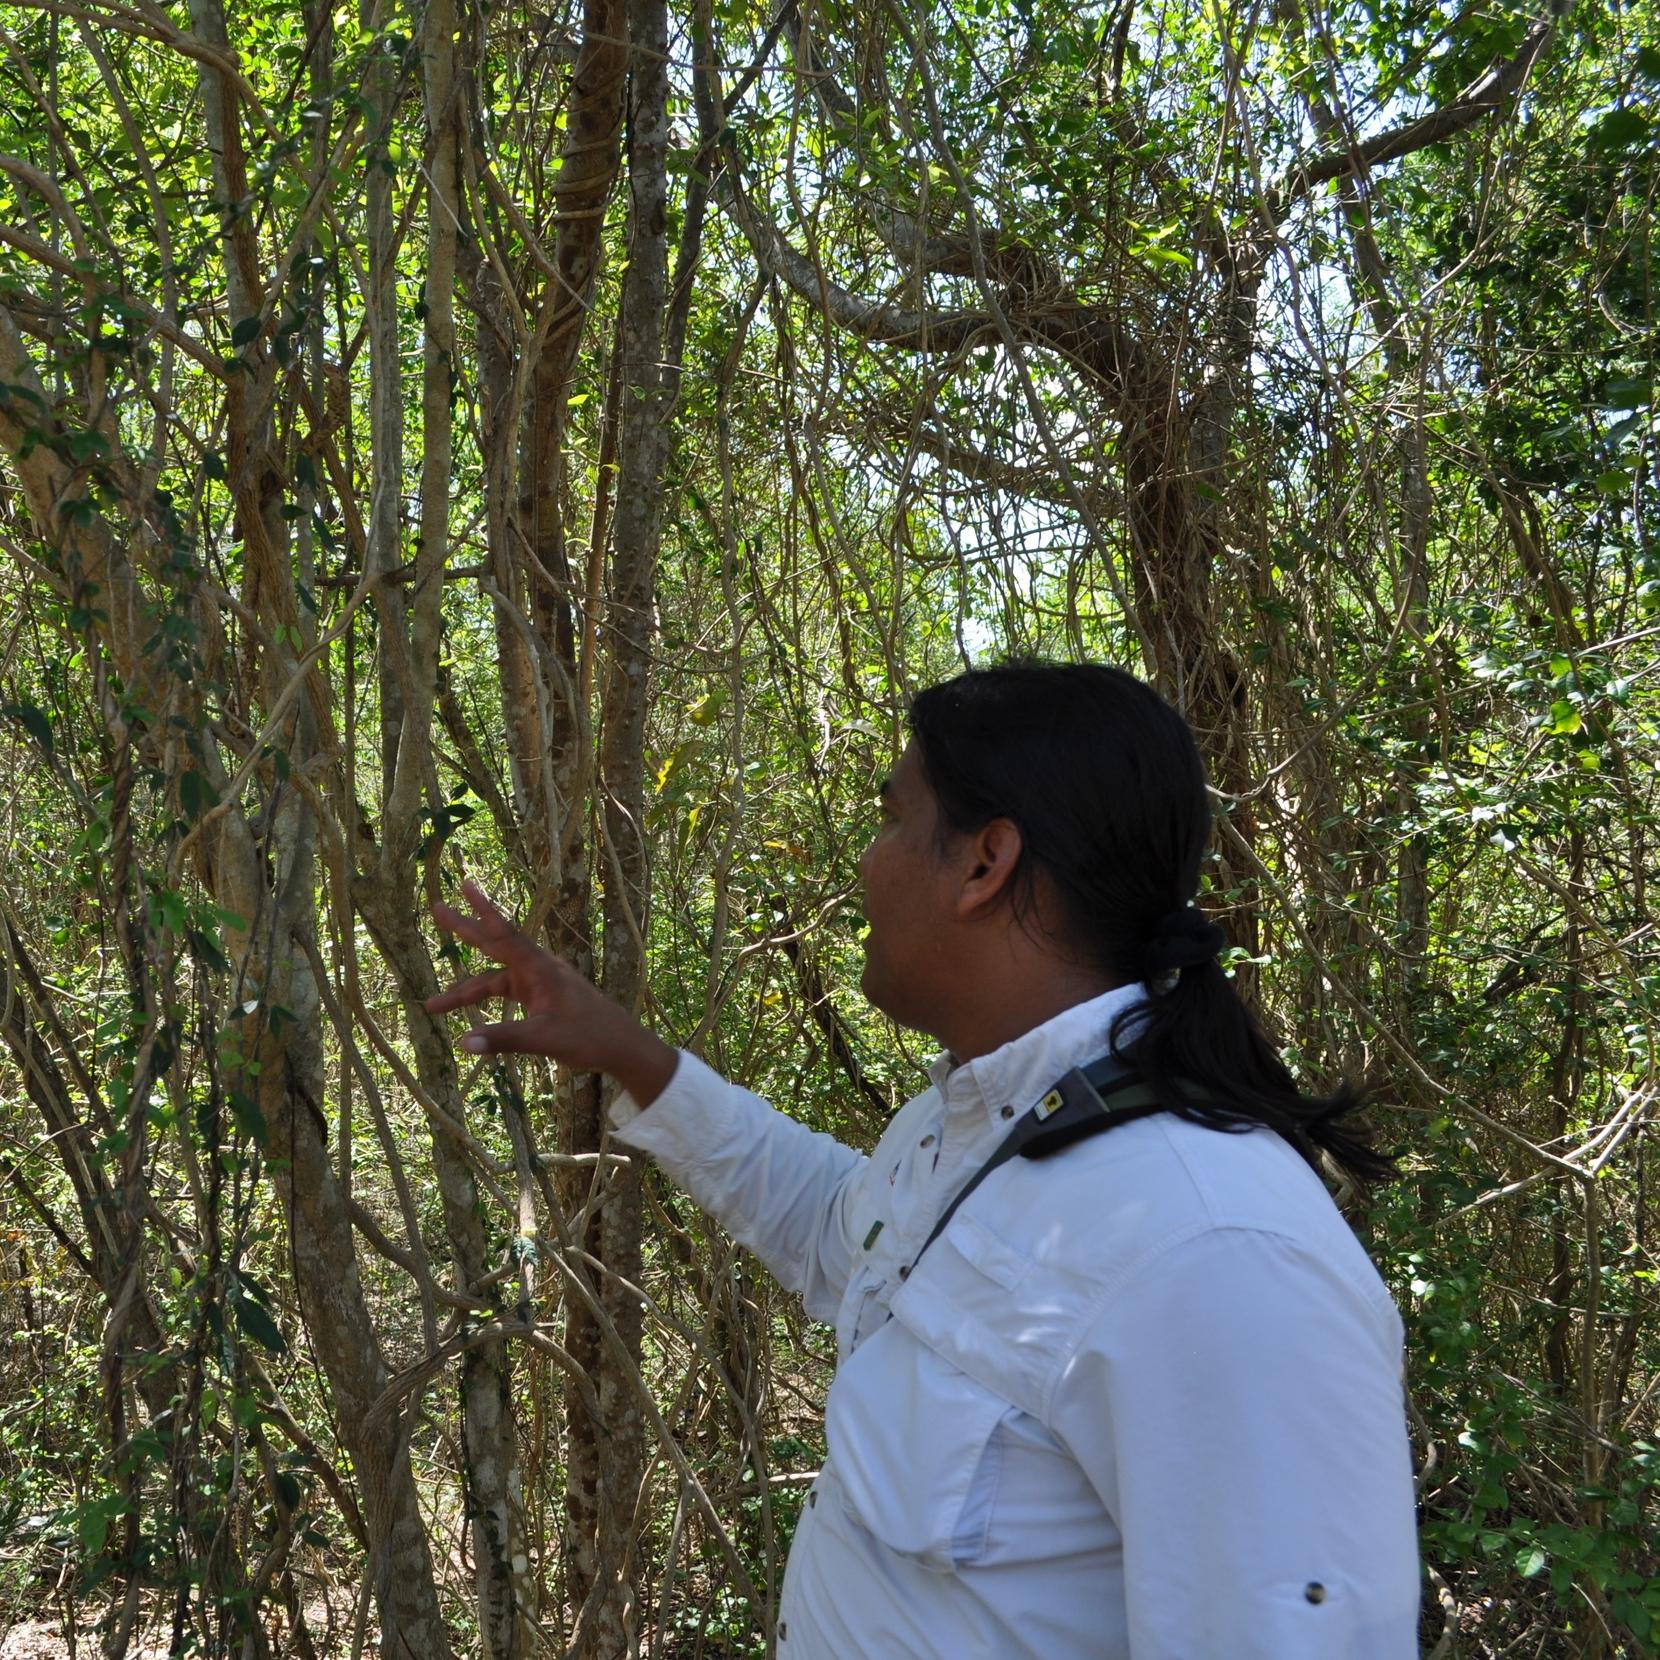 El intérprete consigue que los visitantes del lugar le encuentren sentido a lo que observan y de alguna manera desarrollen un apego hacia el entorno, logrando así, que más personas se interesen por la protección de la naturaleza. Foto: Pamy Rojas